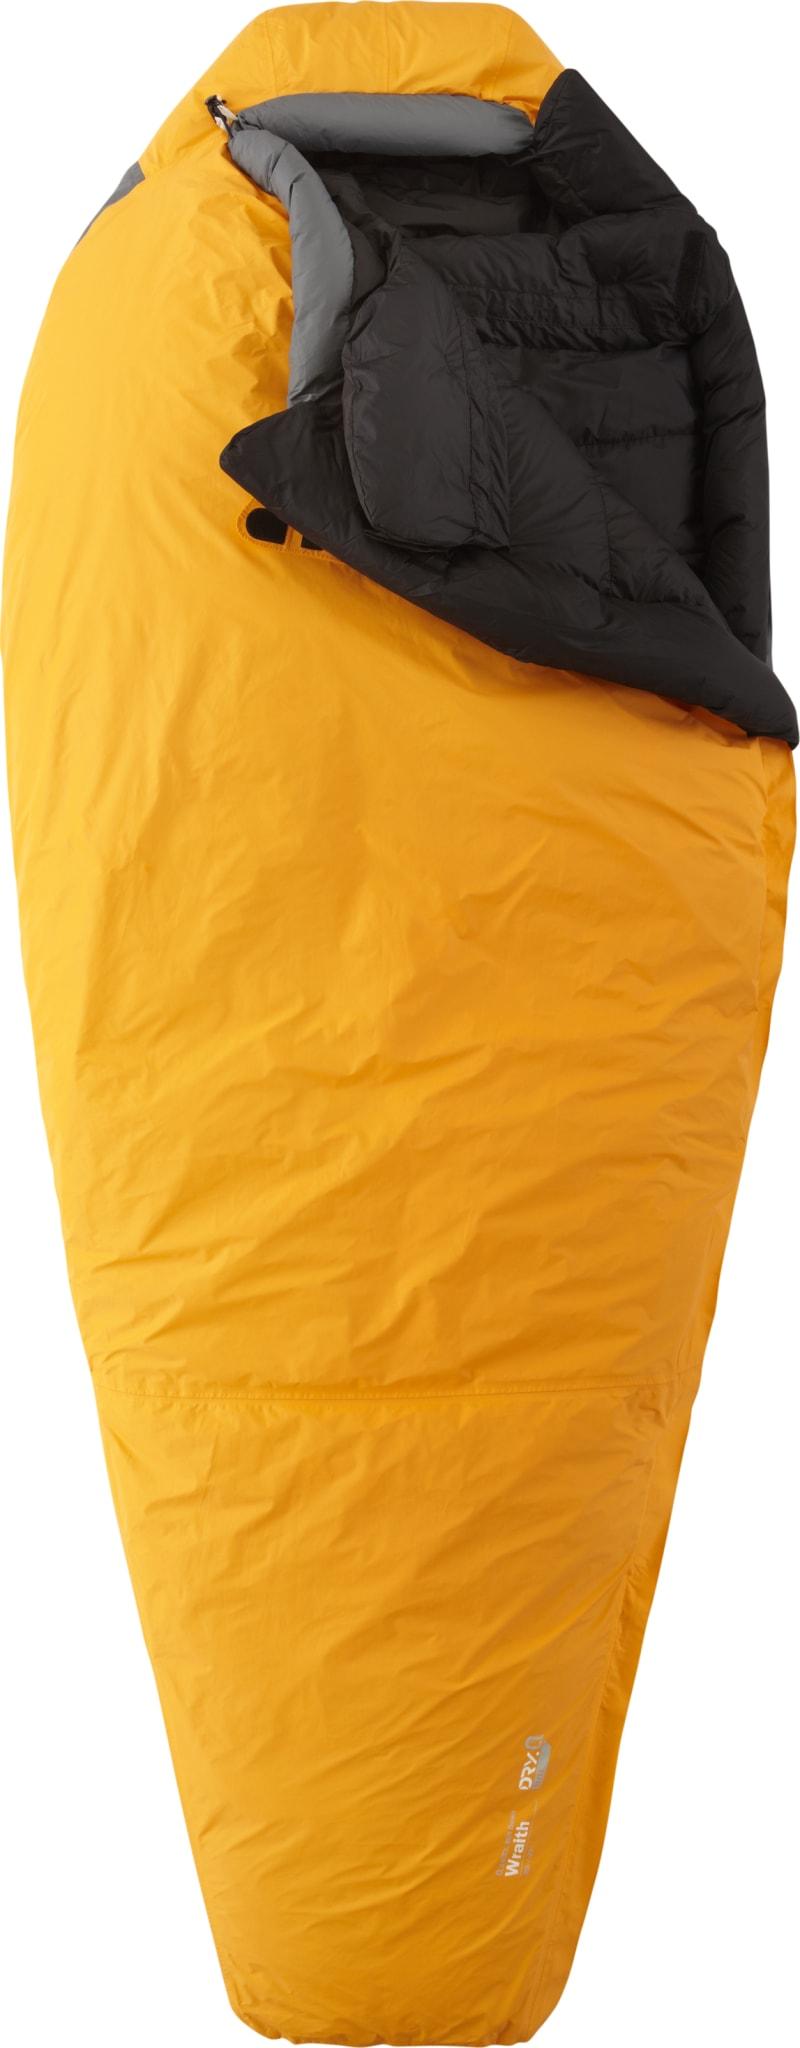 Vanntett dunpose for ruskete vinterturer. -28C